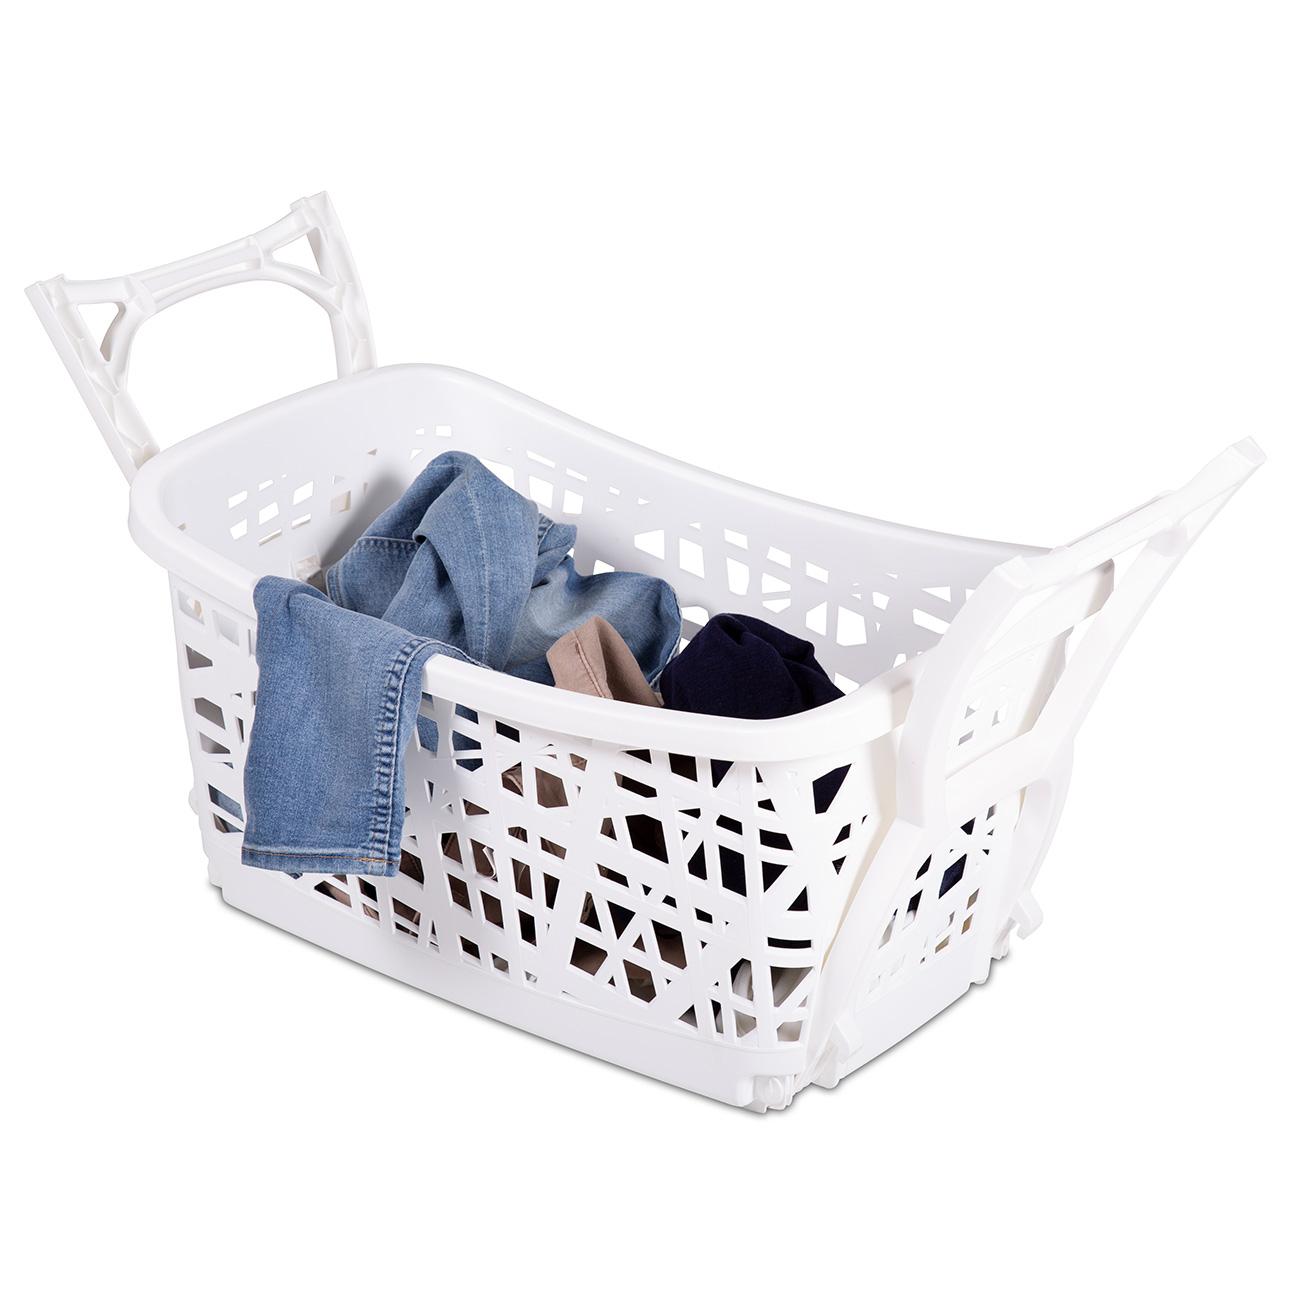 Der praktische Wäschekorb mit Beinen bietet viel Platz für Ihre Wäsche.